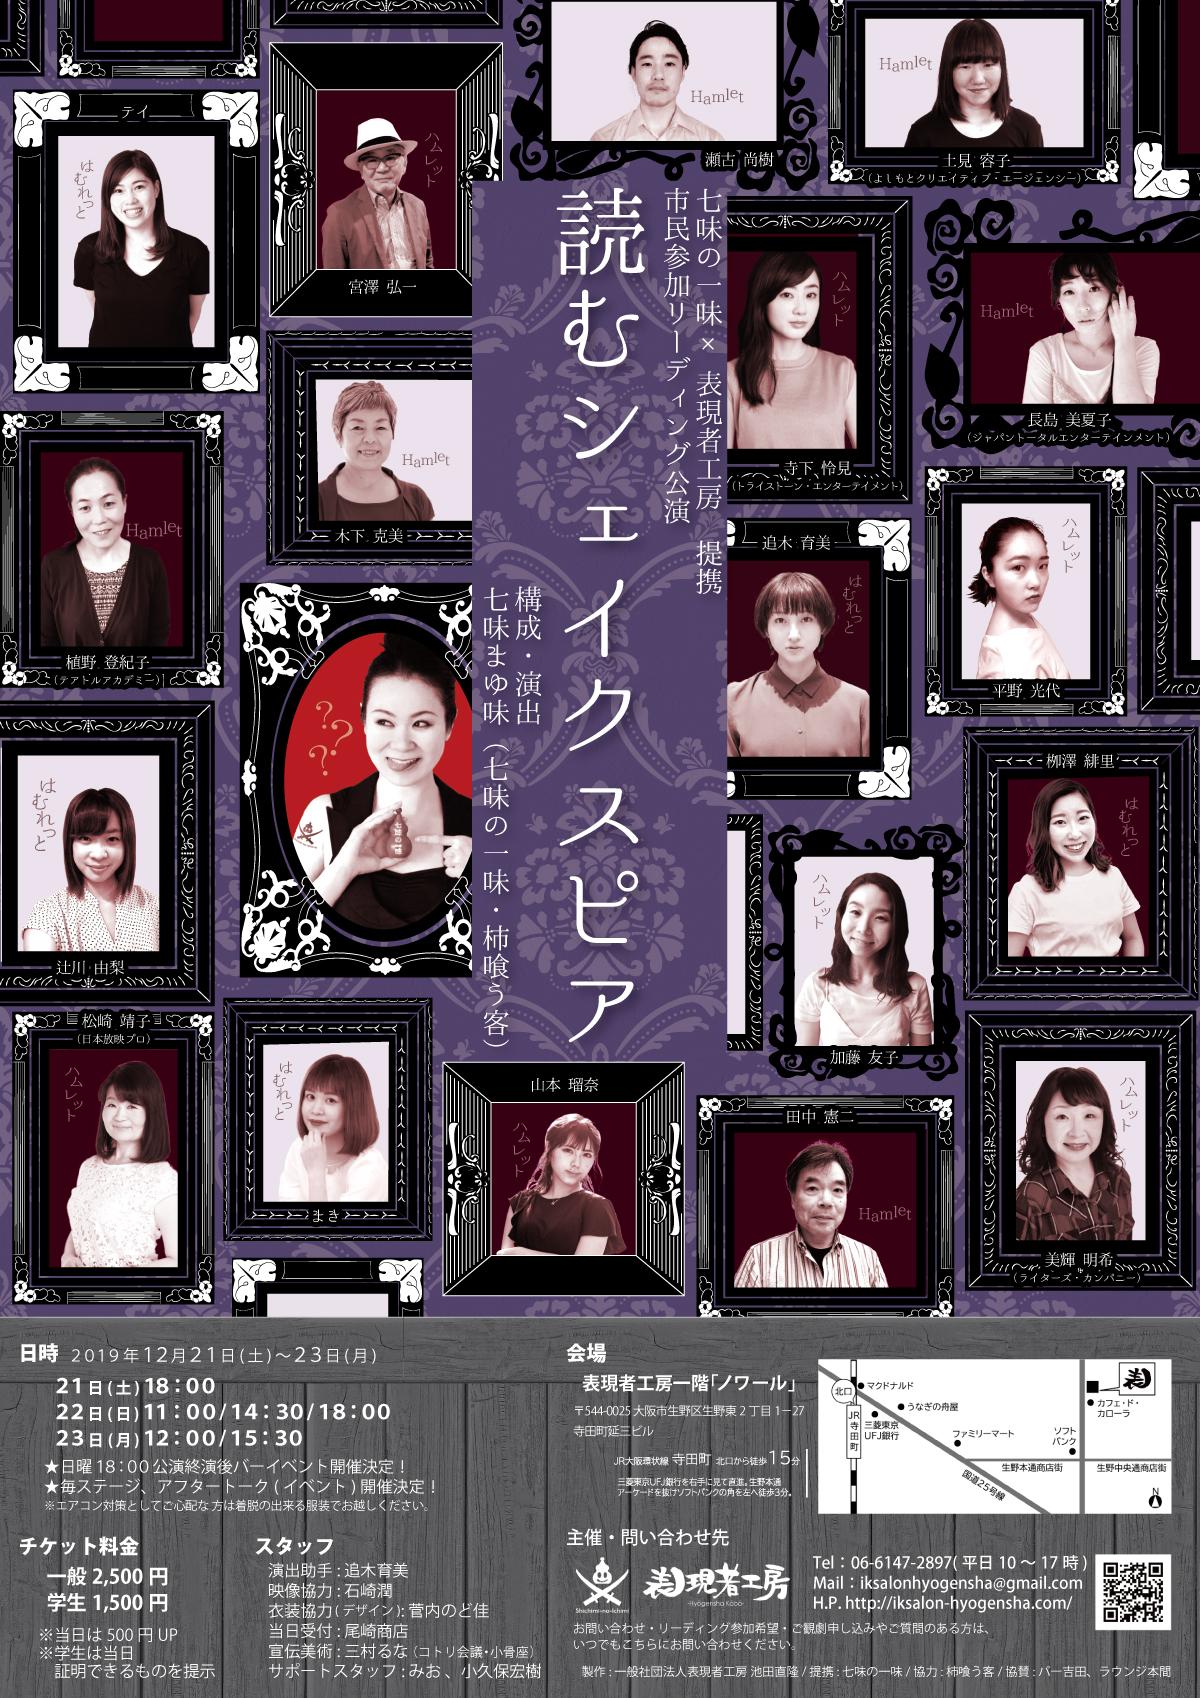 【出演情報】2019年12月21日〜12月23日 市民参加リーディング公演「読むシェイクスピア 〜ハムレット〜」に長島 美夏子が出演します